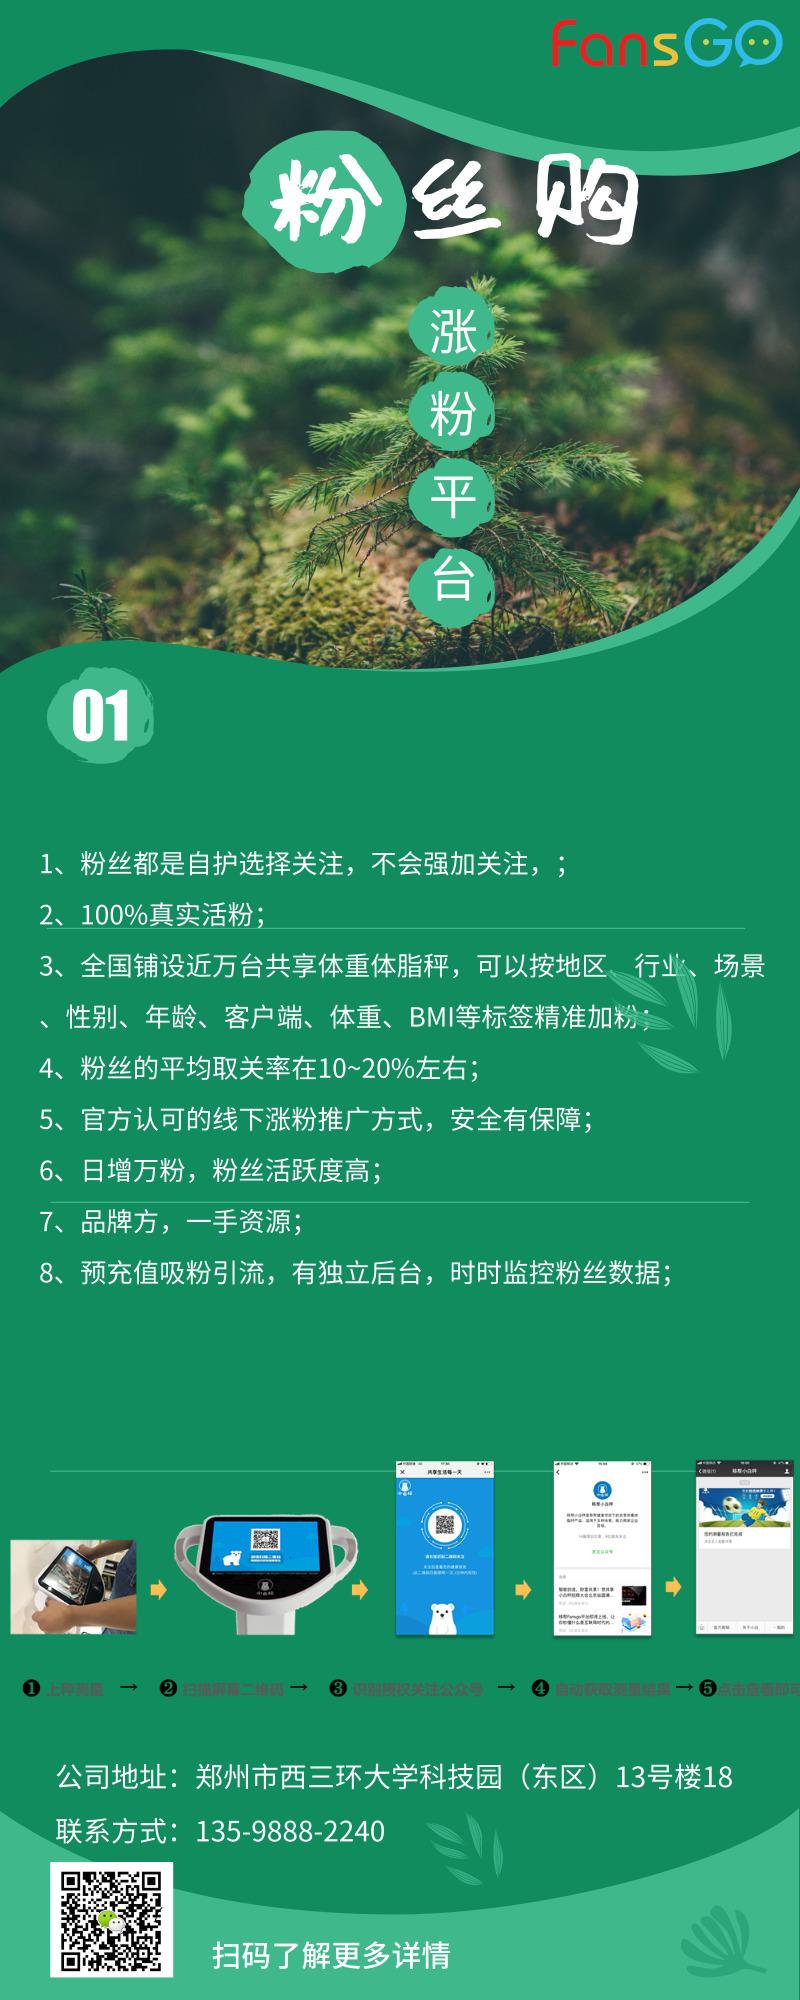 业务介绍_营销长图_2019.06.21.jpg